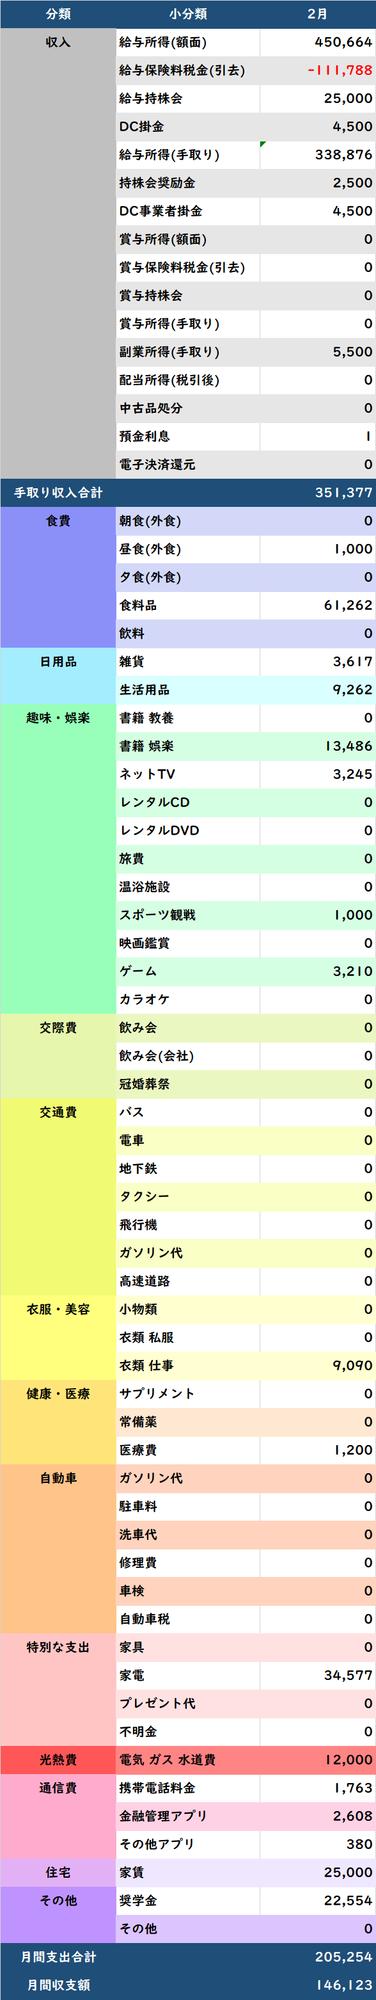 f:id:Hakurei:20210328100223p:plain